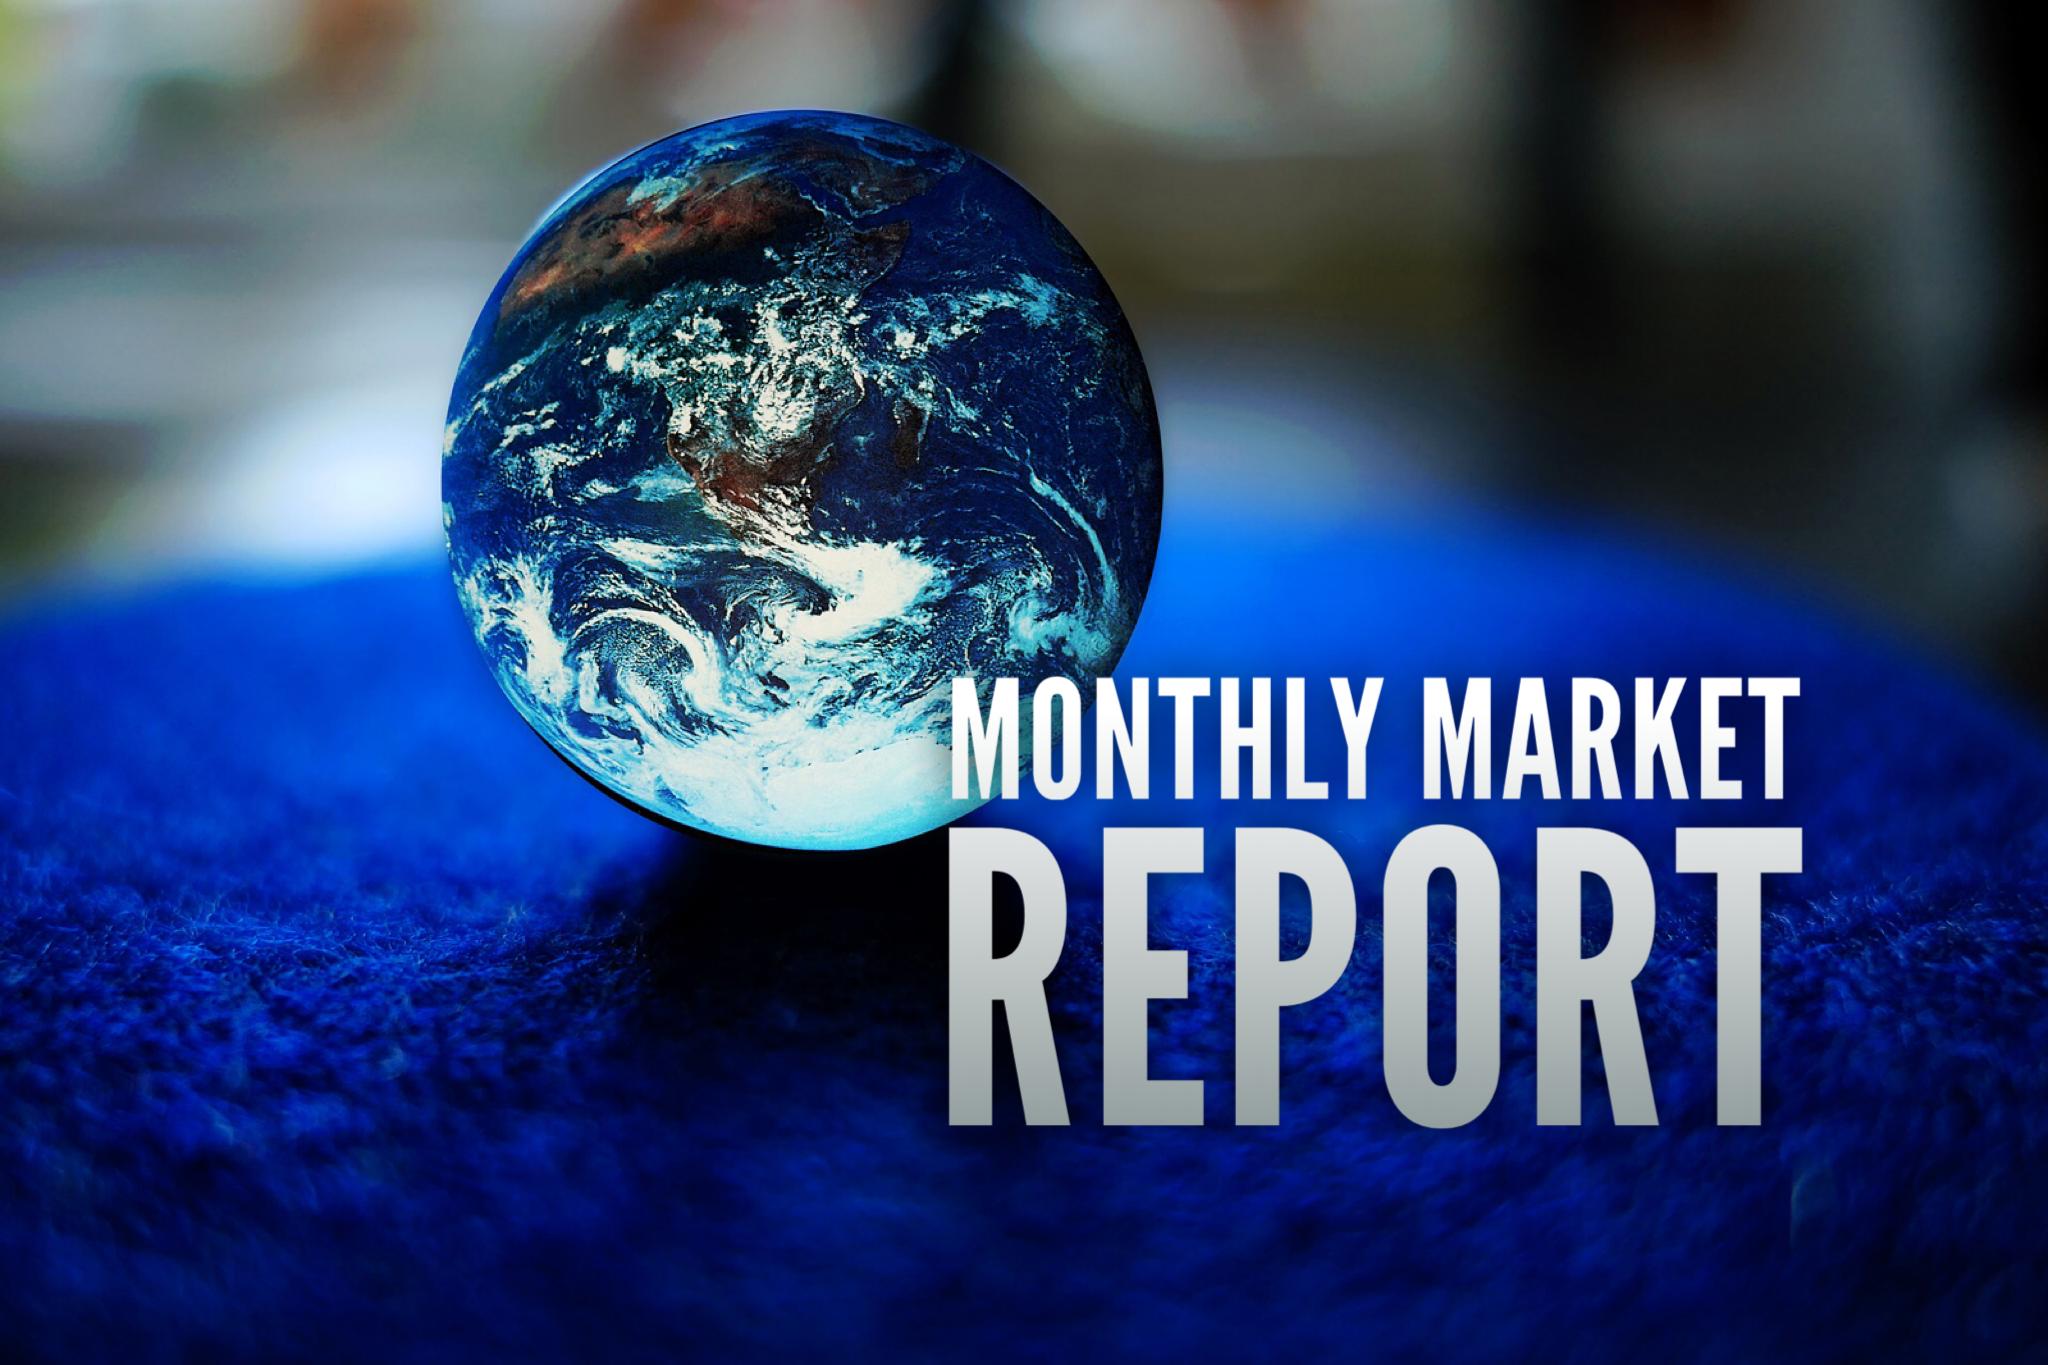 MONTHLY MARKET REPORT: DECEMBER 2020